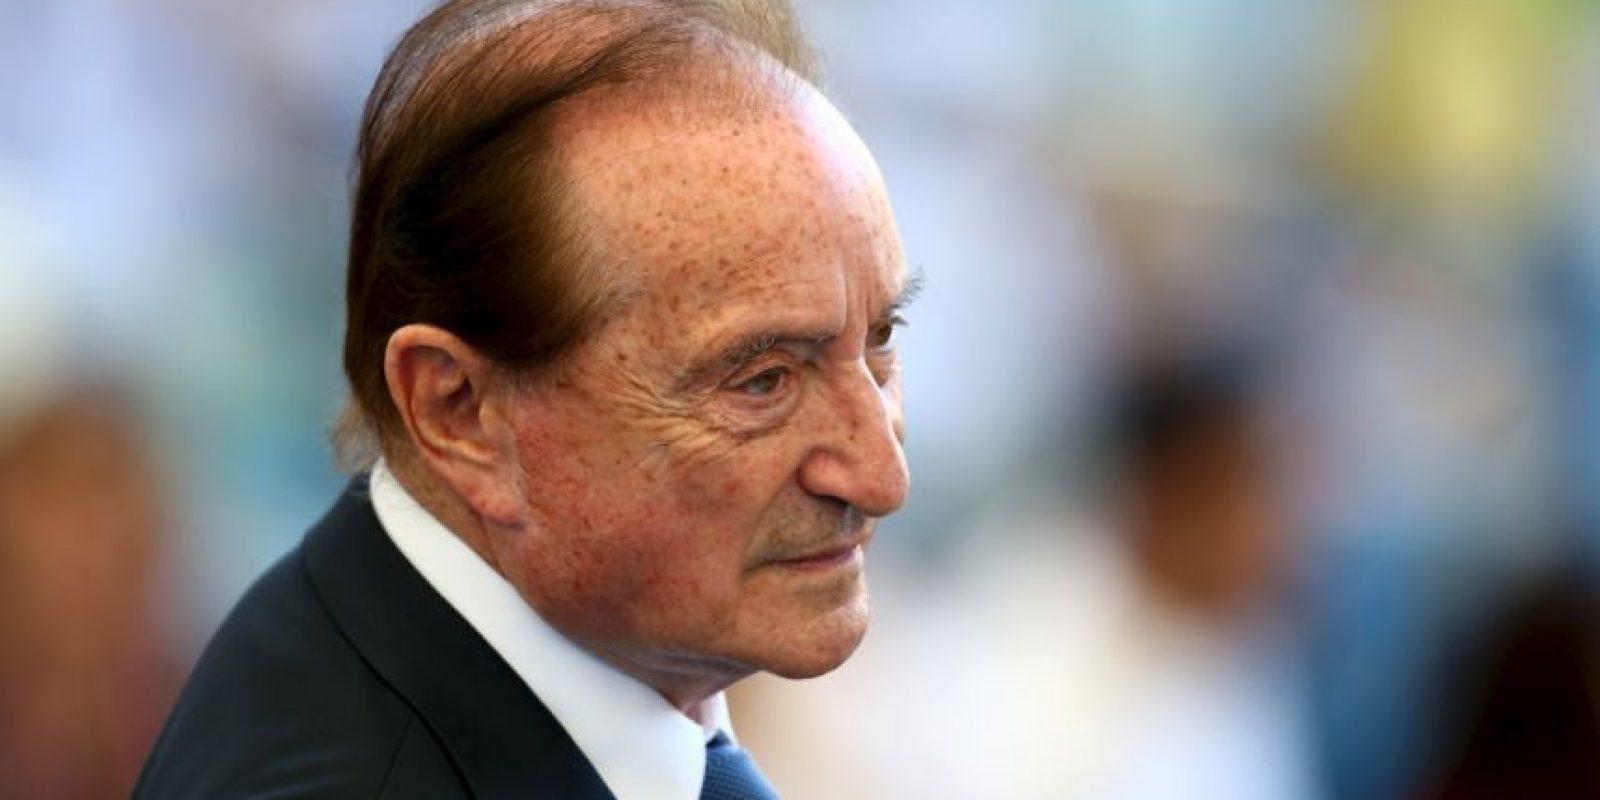 Vicepresidente de la Confederación Sudamericana de Fútbol ( CONMEBOL) y vicepresidente de la FIFA Foto:Getty Images